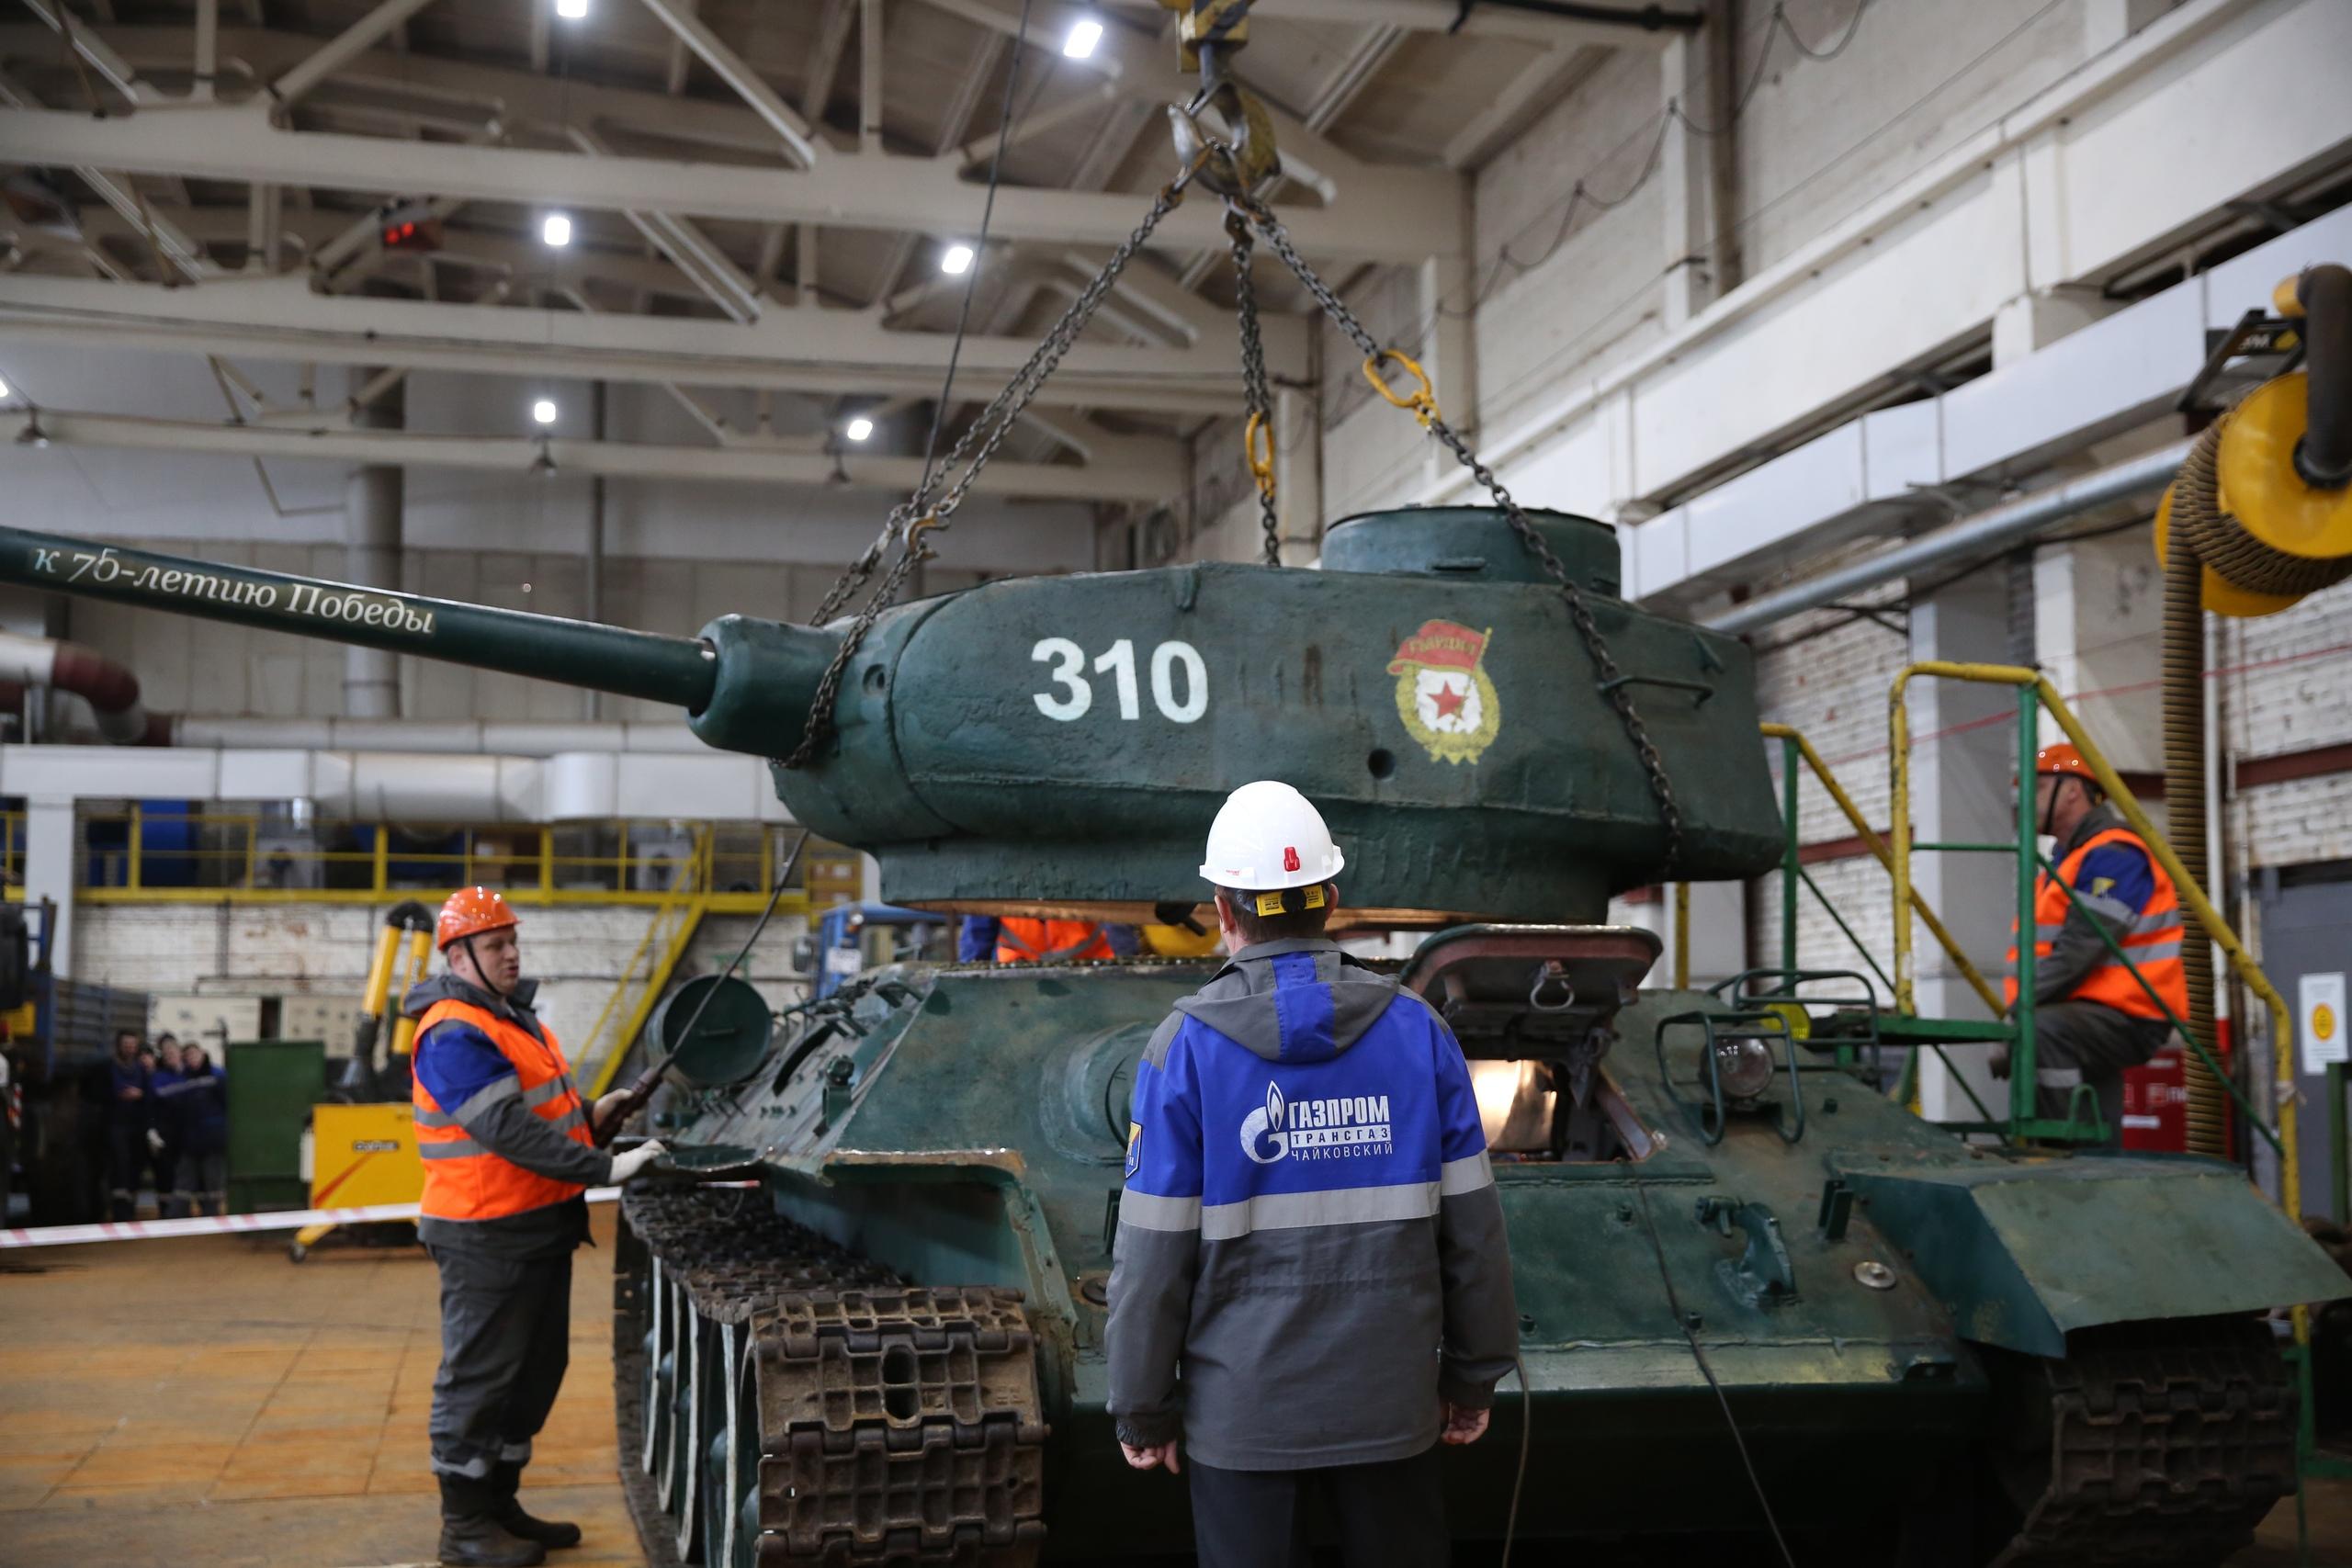 восстановление танка, газпром, чайковский район, 2020 год